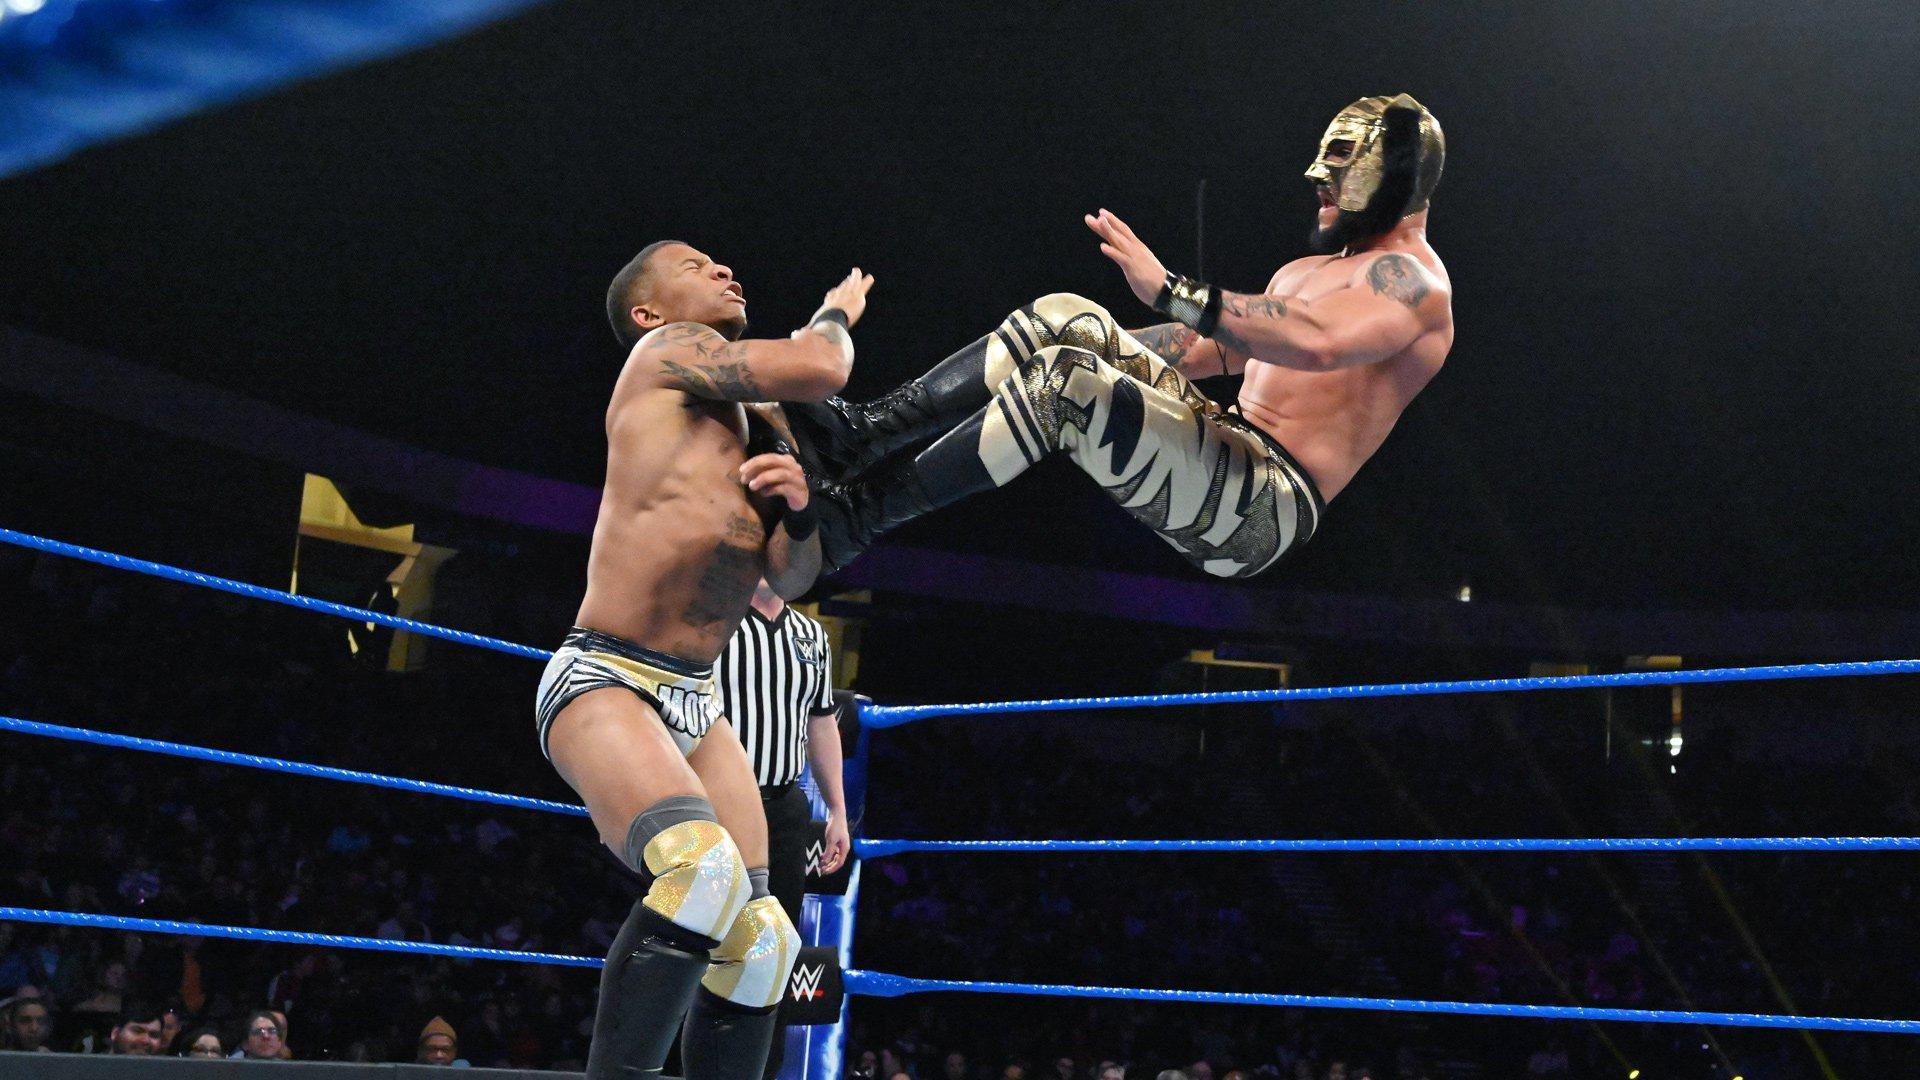 Lince Dorado vs. Lio Rush: WWE 205 Live, 15 Janvier 2019